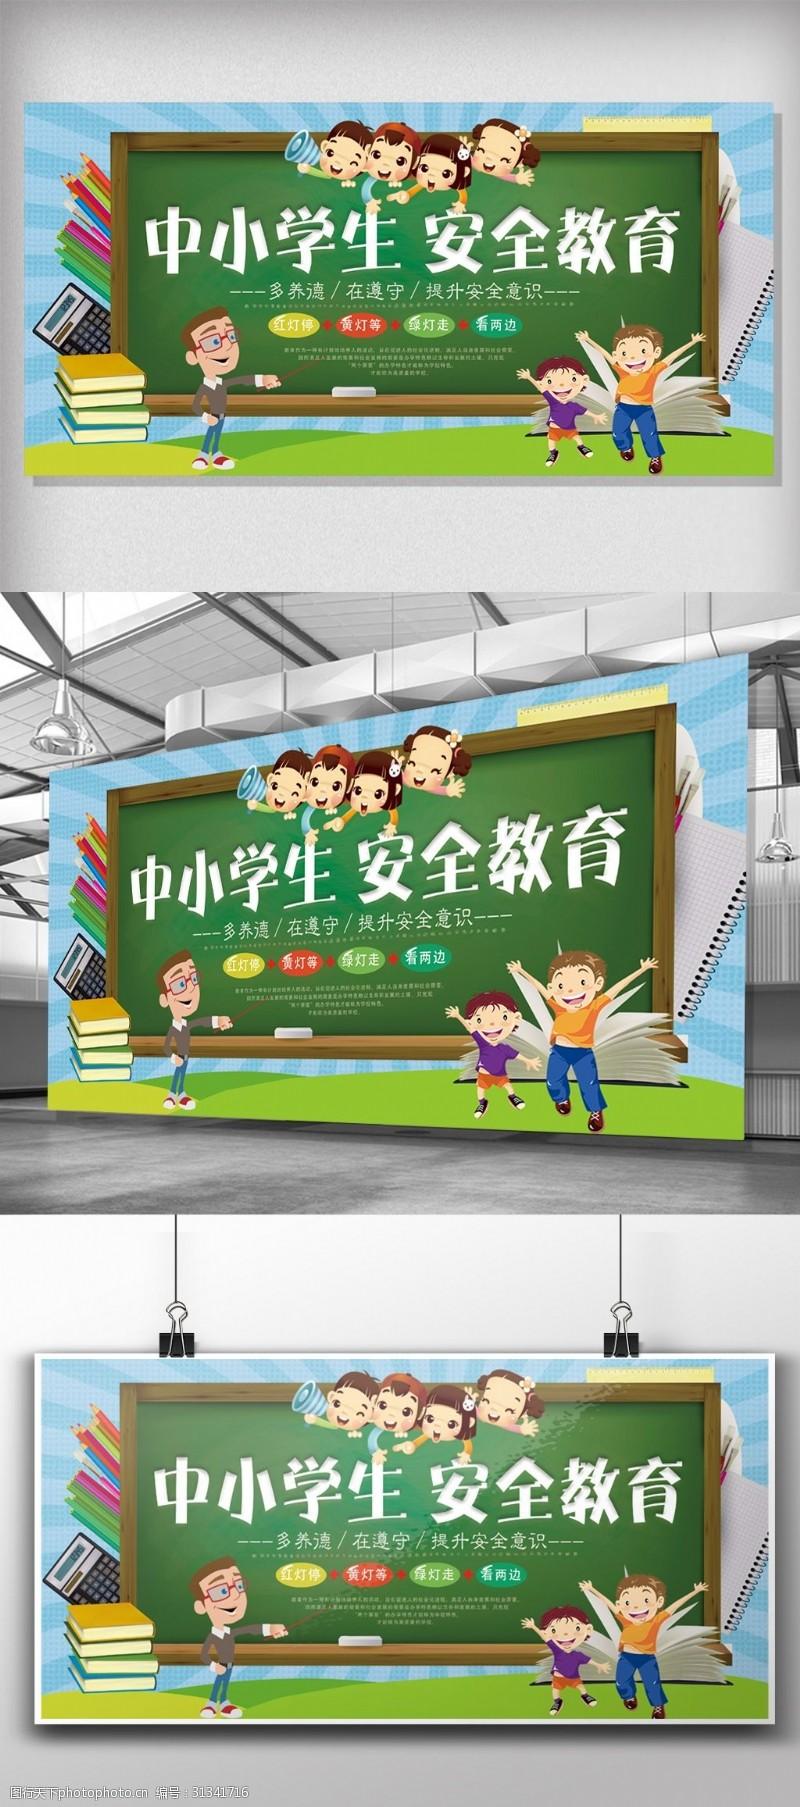 中小学生安全教育日宣传展板